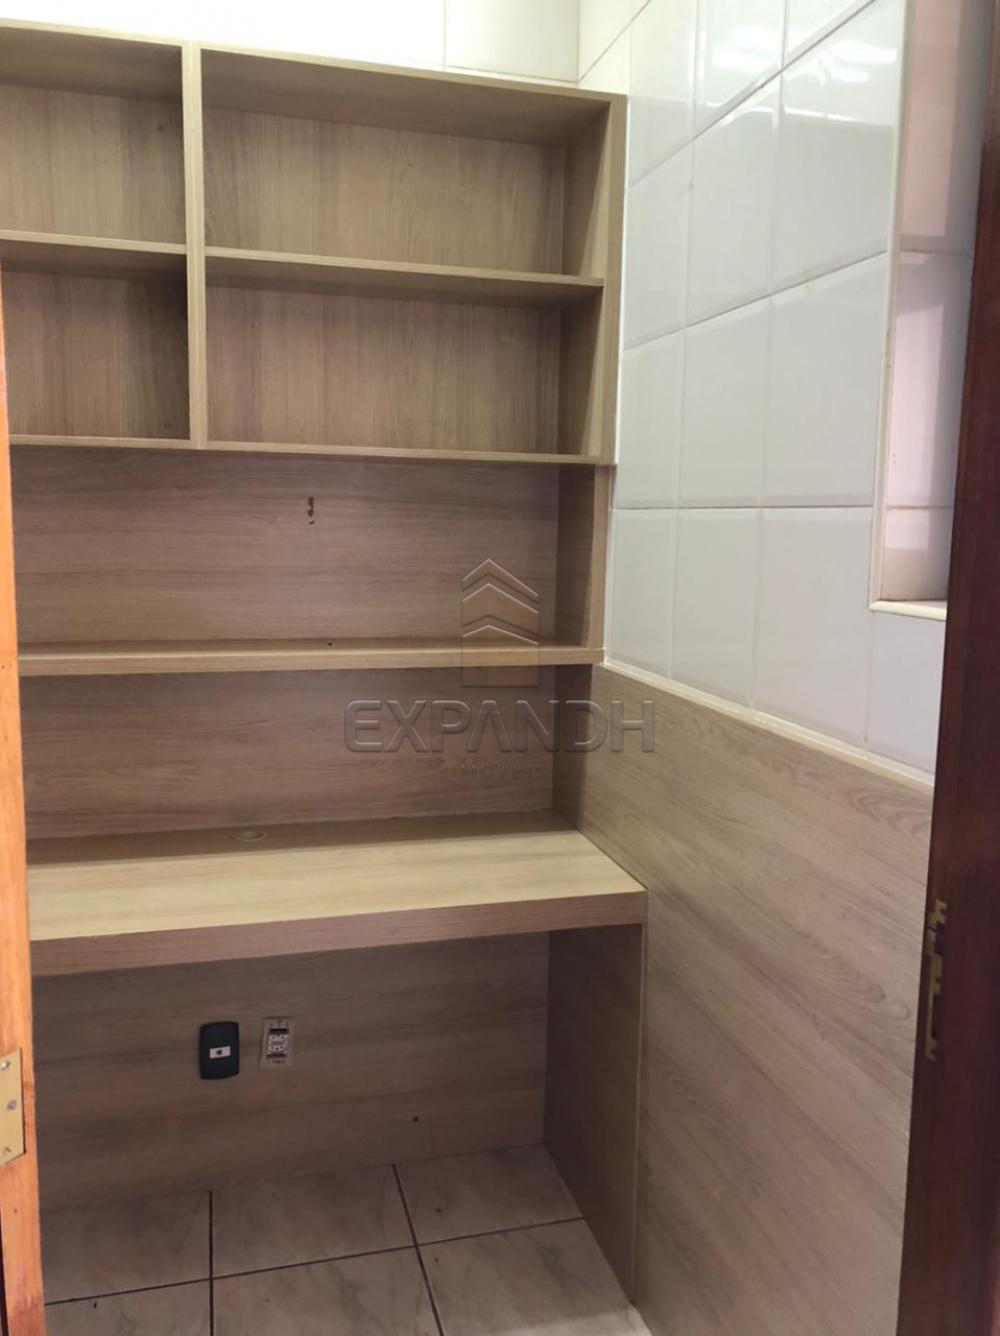 Alugar Apartamentos / Padrão em Sertãozinho R$ 1.350,00 - Foto 10